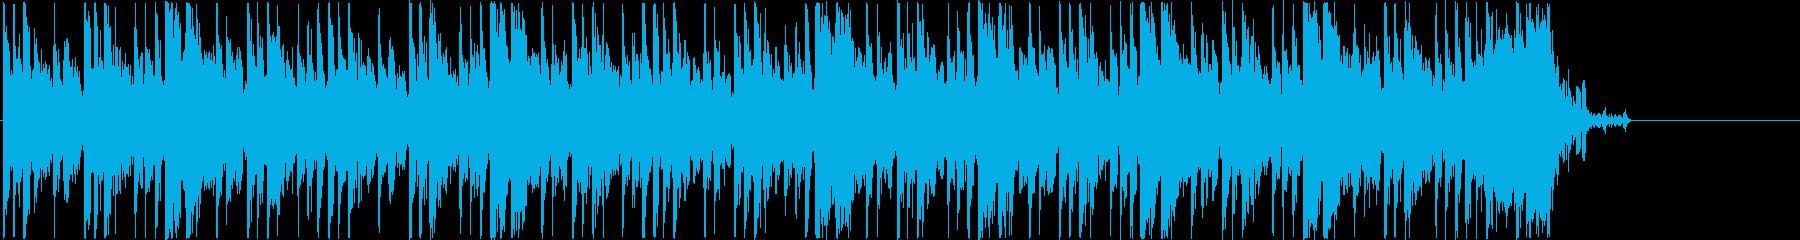 モノクロの地面は冷たいの再生済みの波形